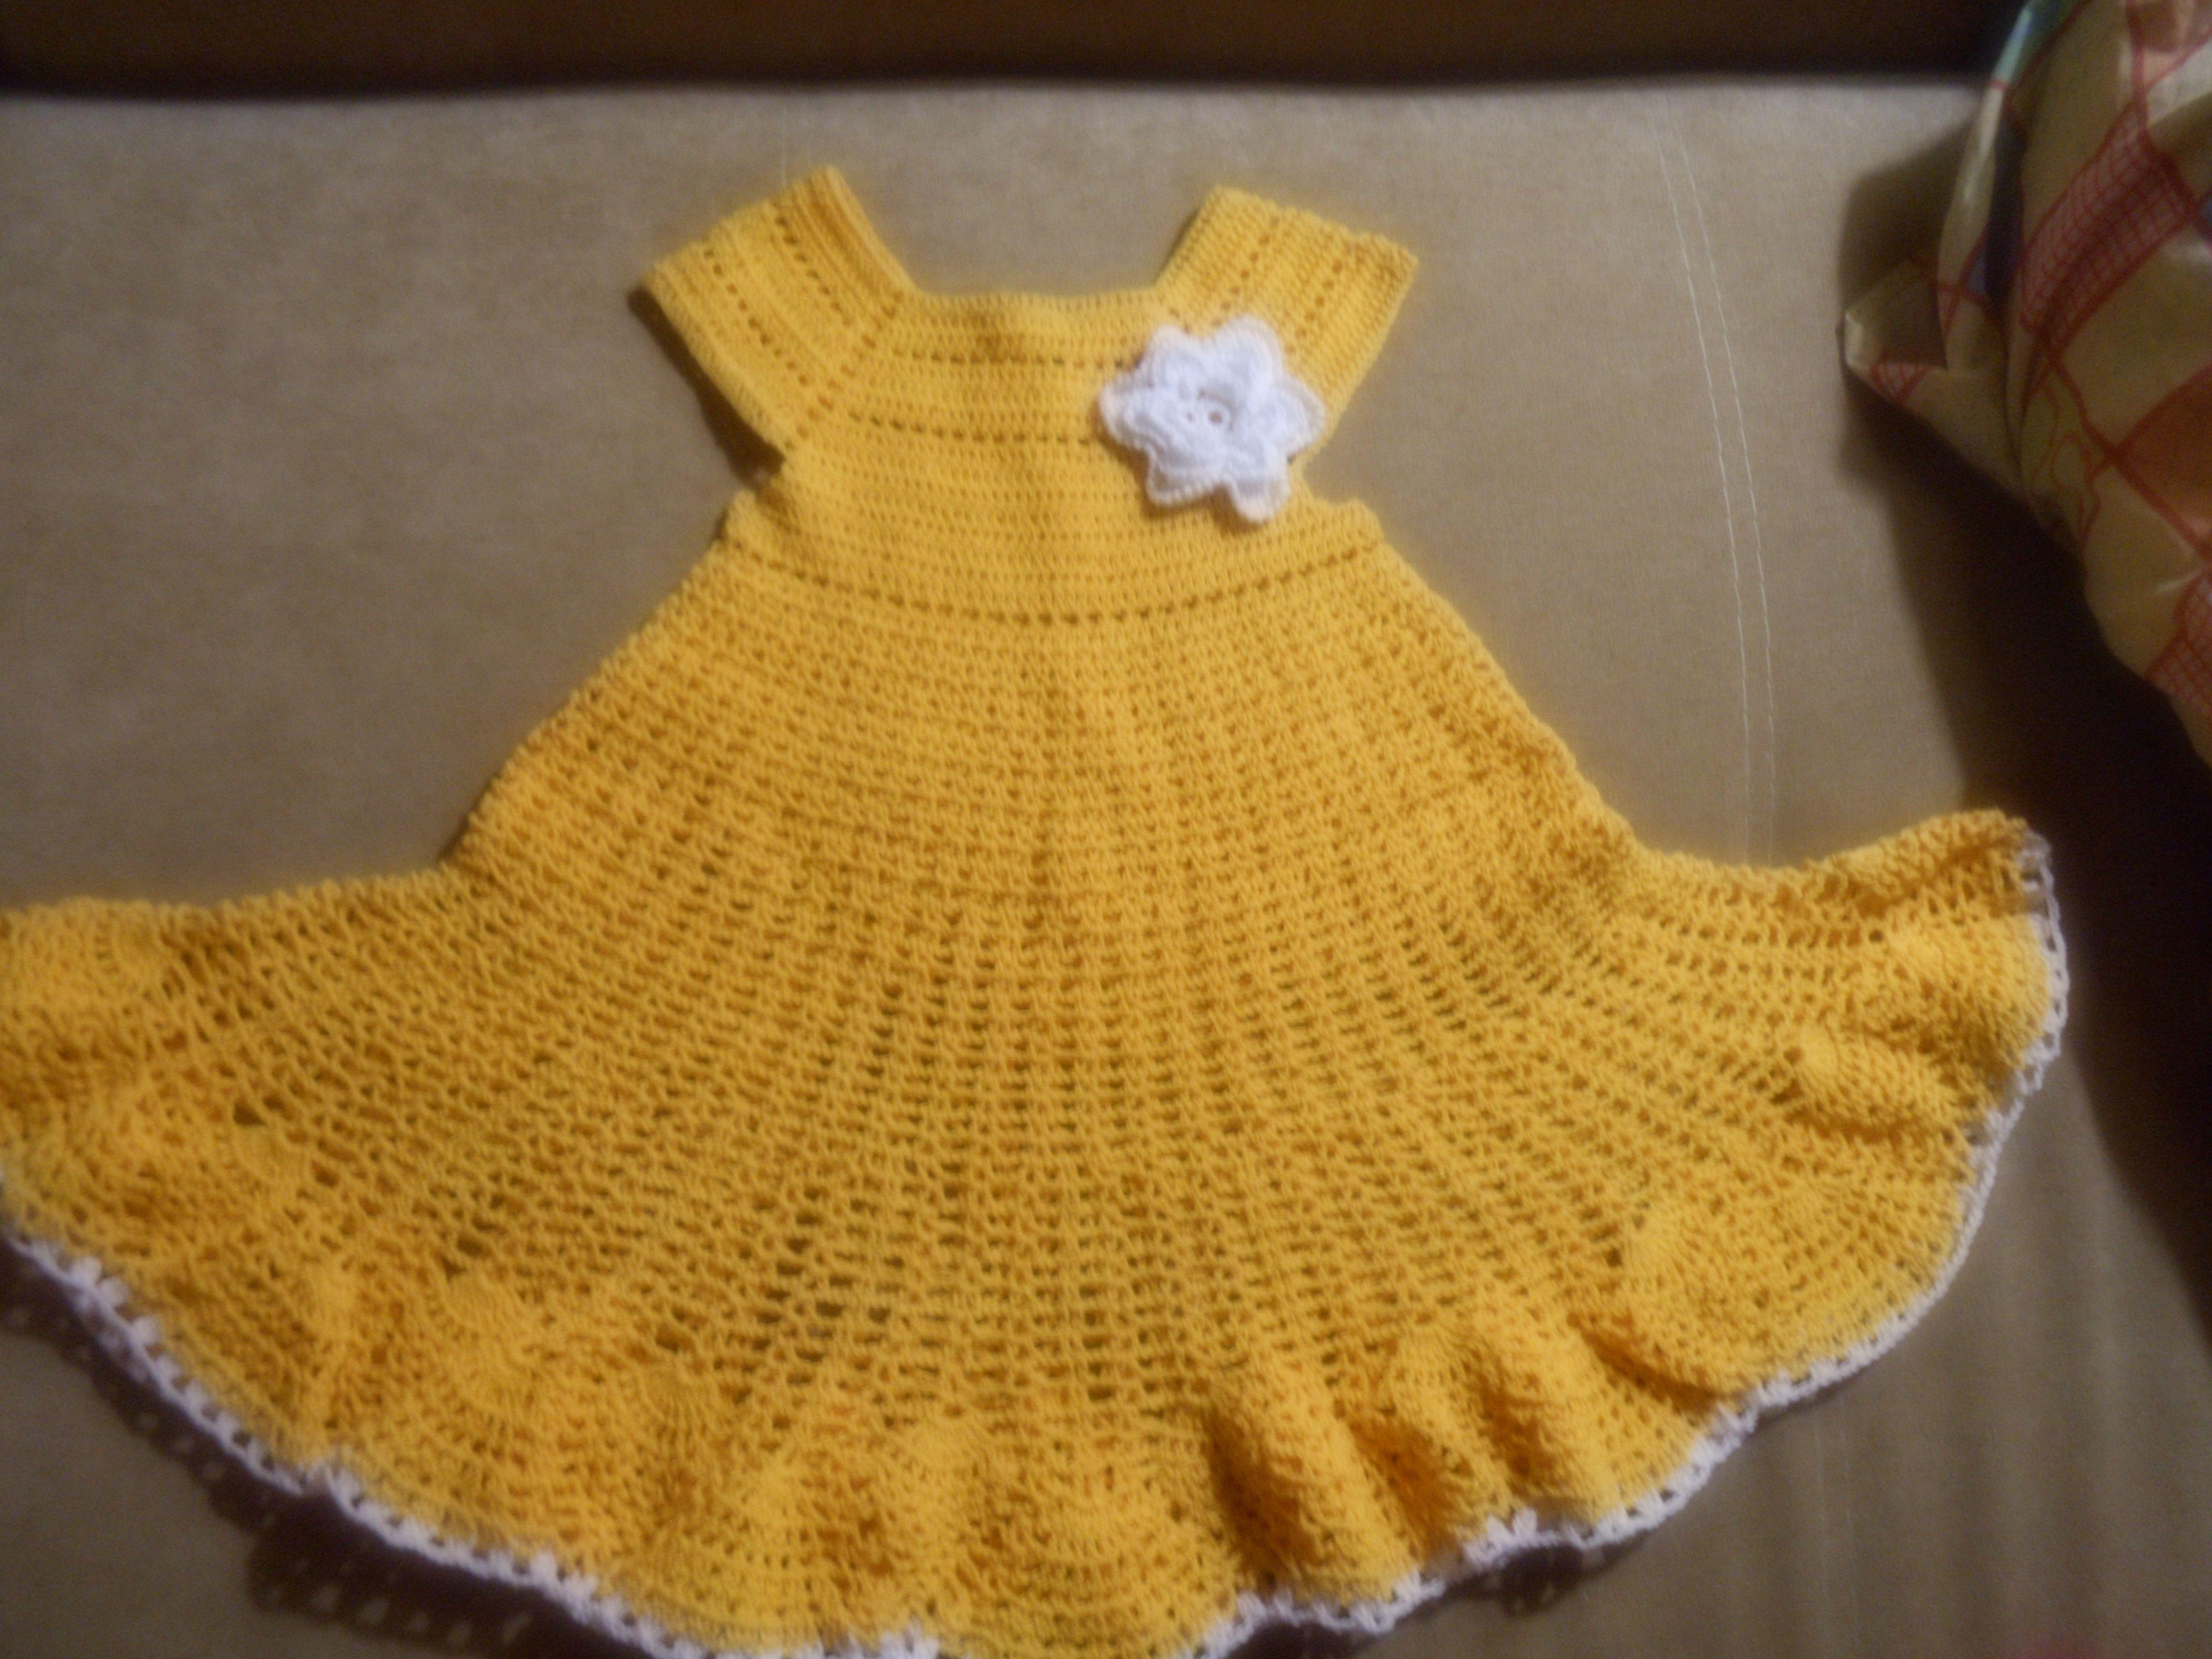 связано вязанное комплект платье шляпка детский крючком вязанная